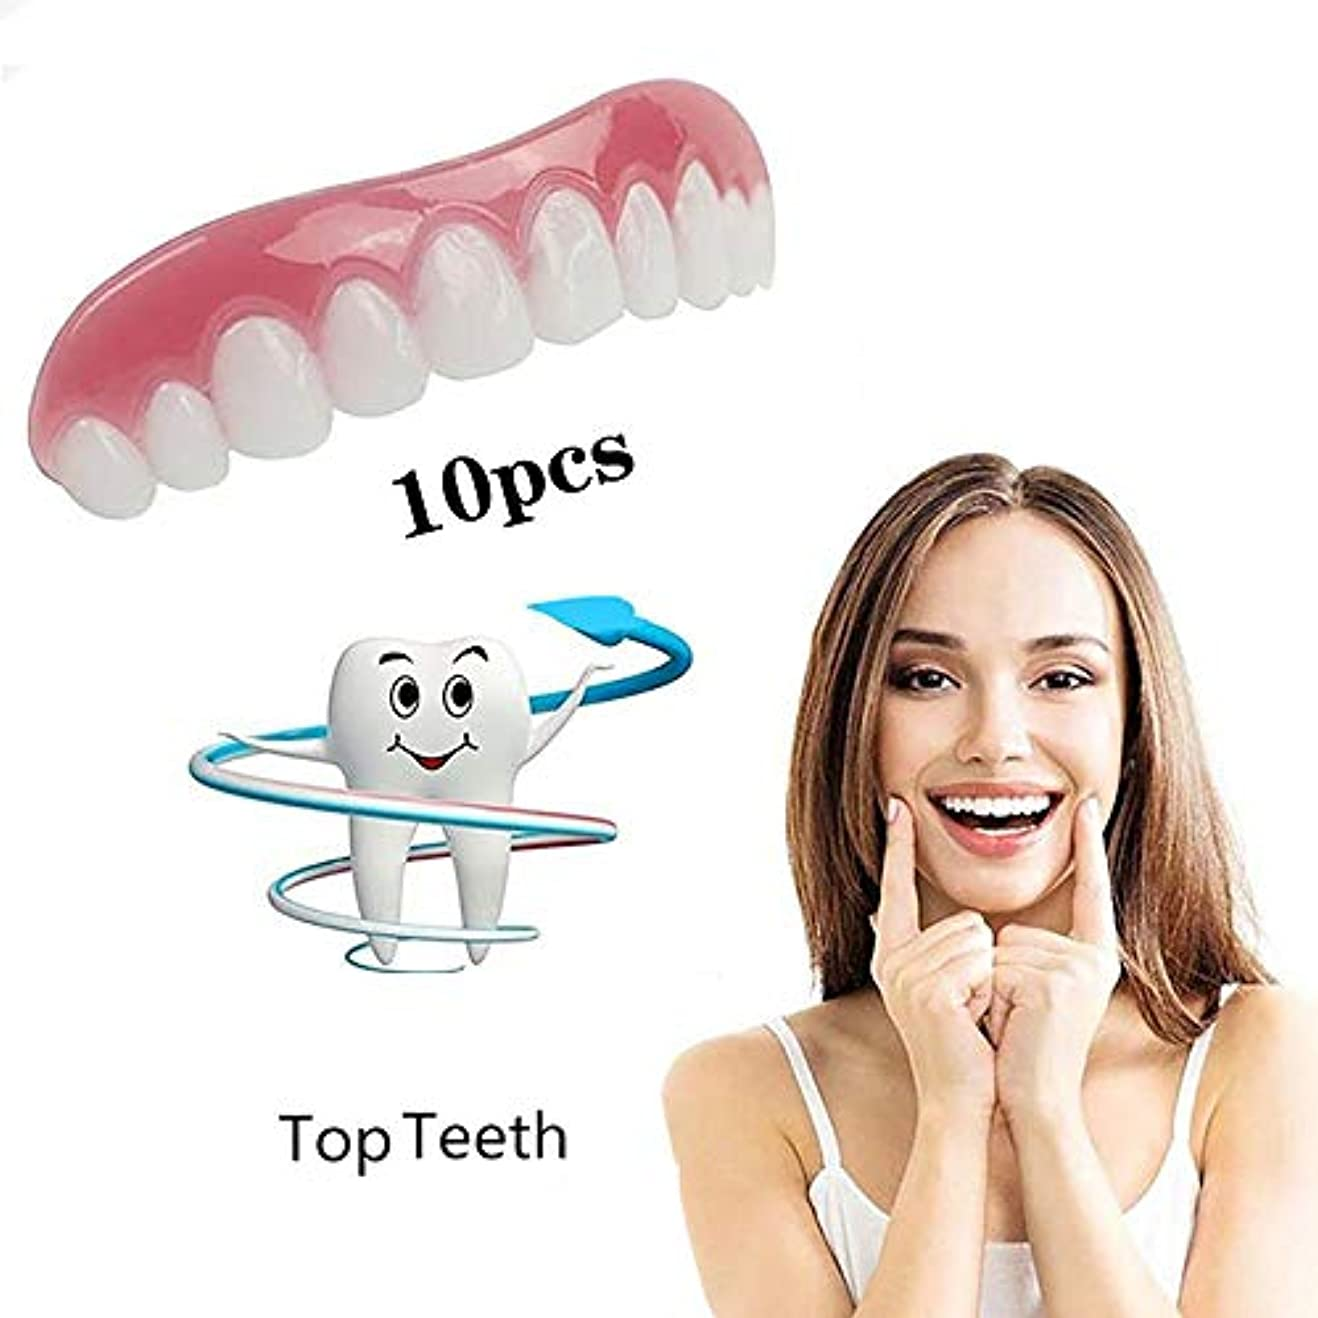 と遊ぶ挨拶軽く10個偽の歯アッパー偽の偽の歯カバースナップオン即時の歯の化粧品義歯のケアオーラルケアシリコーンホワイトニング義歯